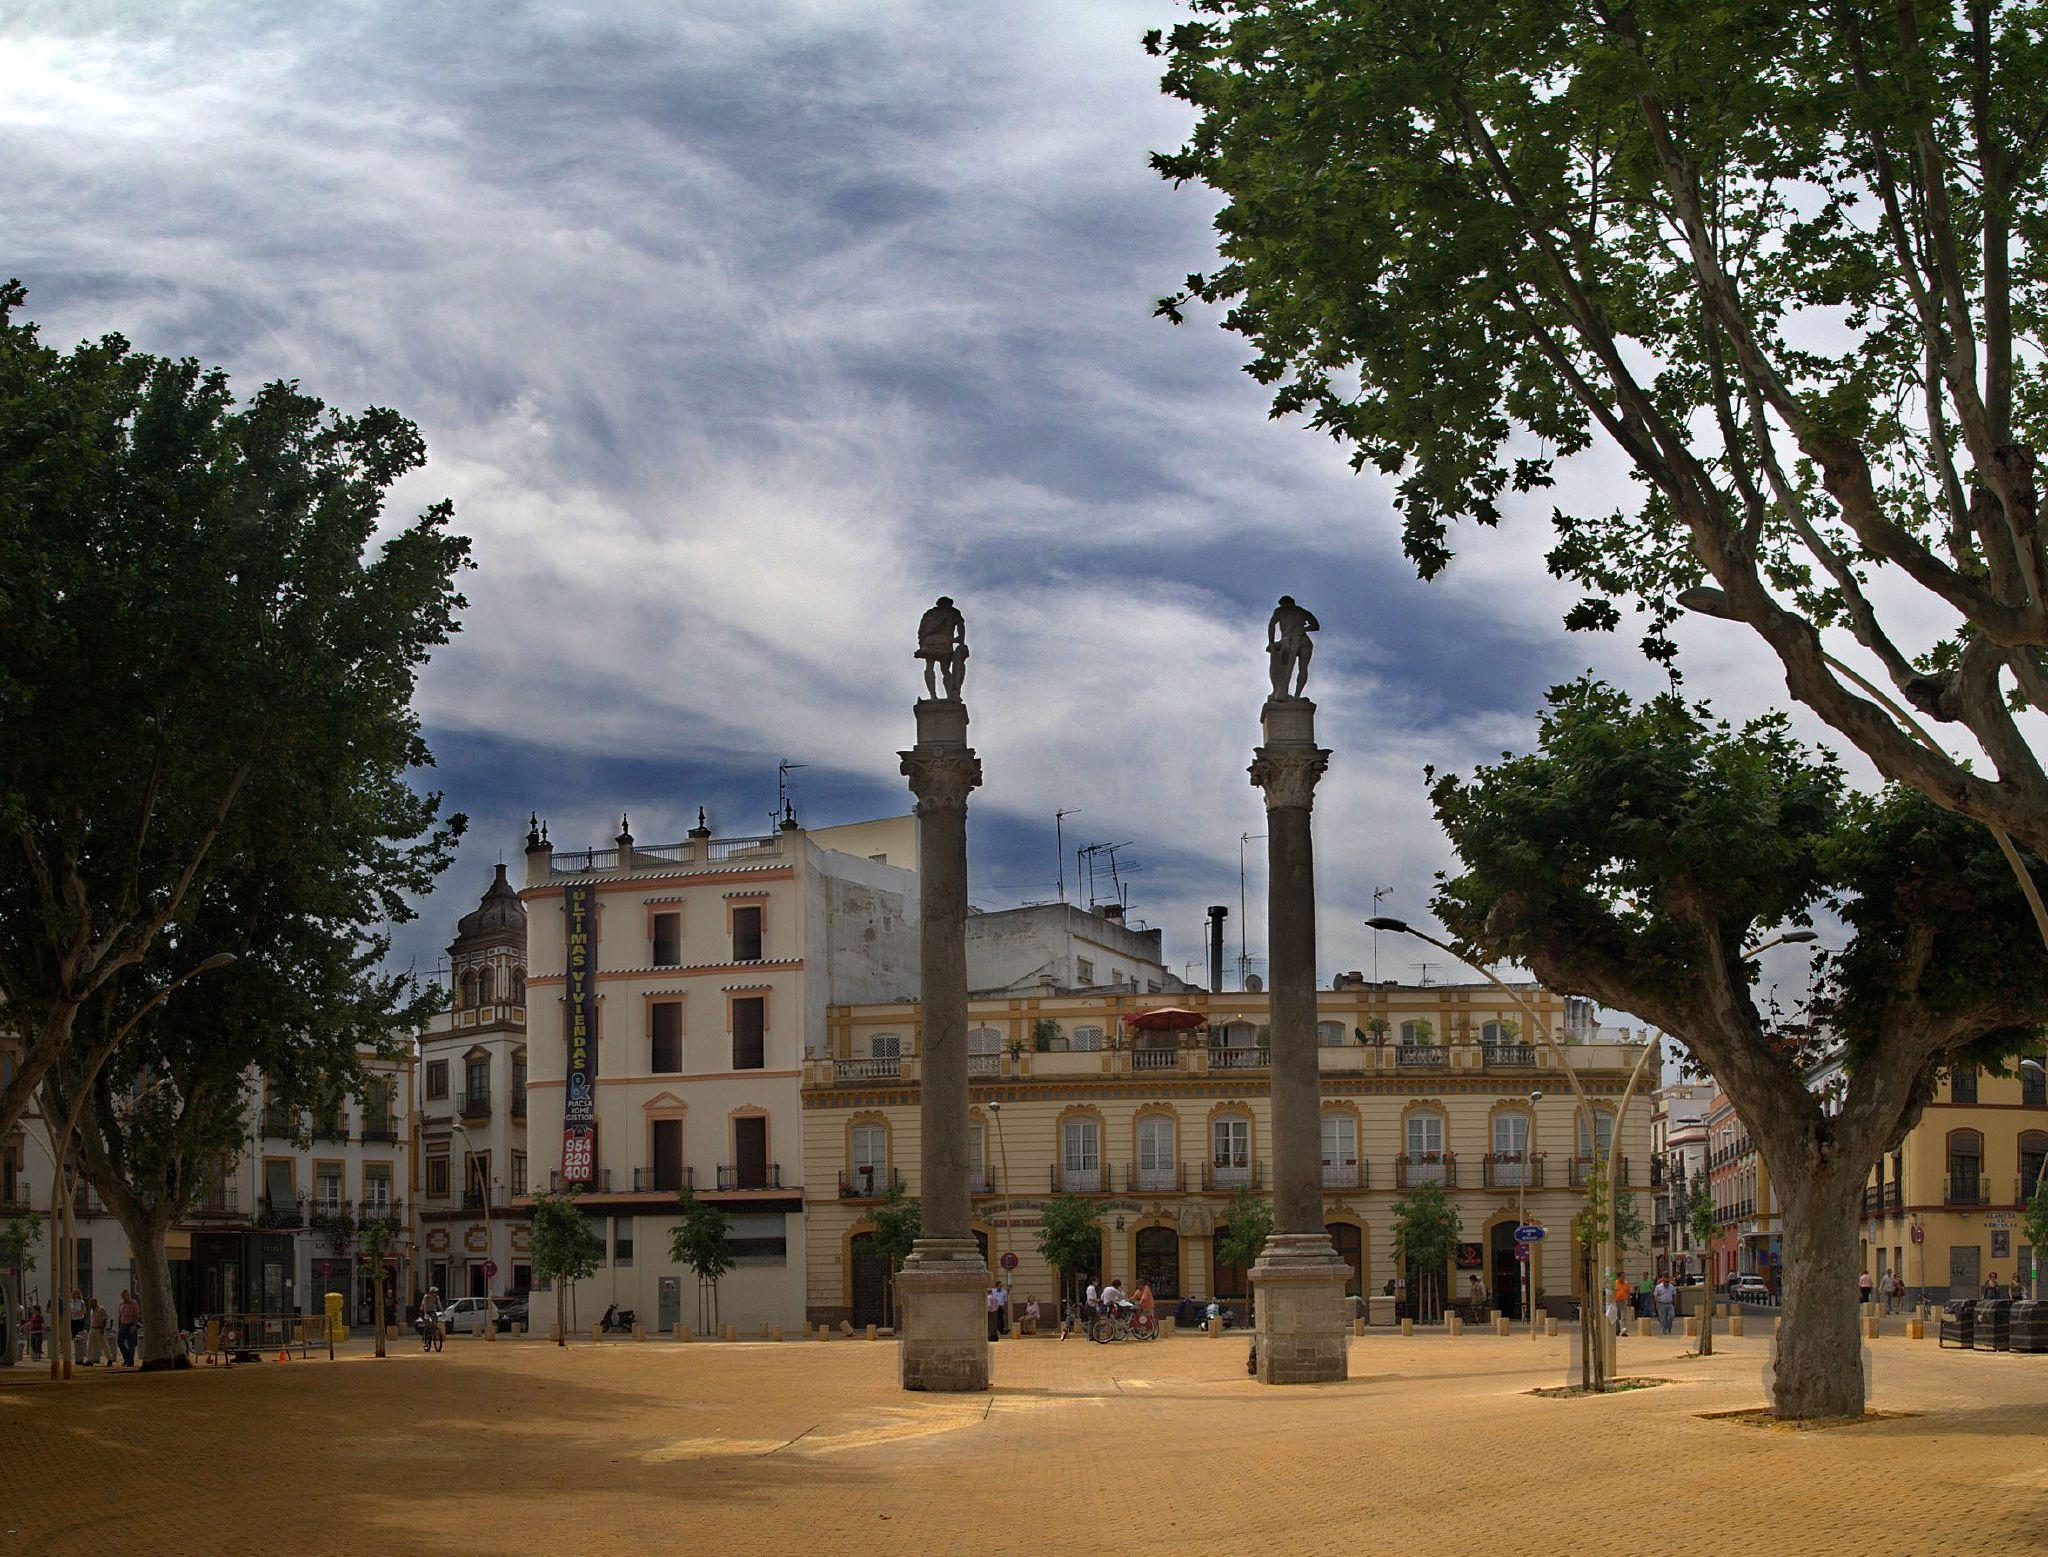 S ville en 3 jours visiter l andalousie - Jardines de hercules sevilla ...